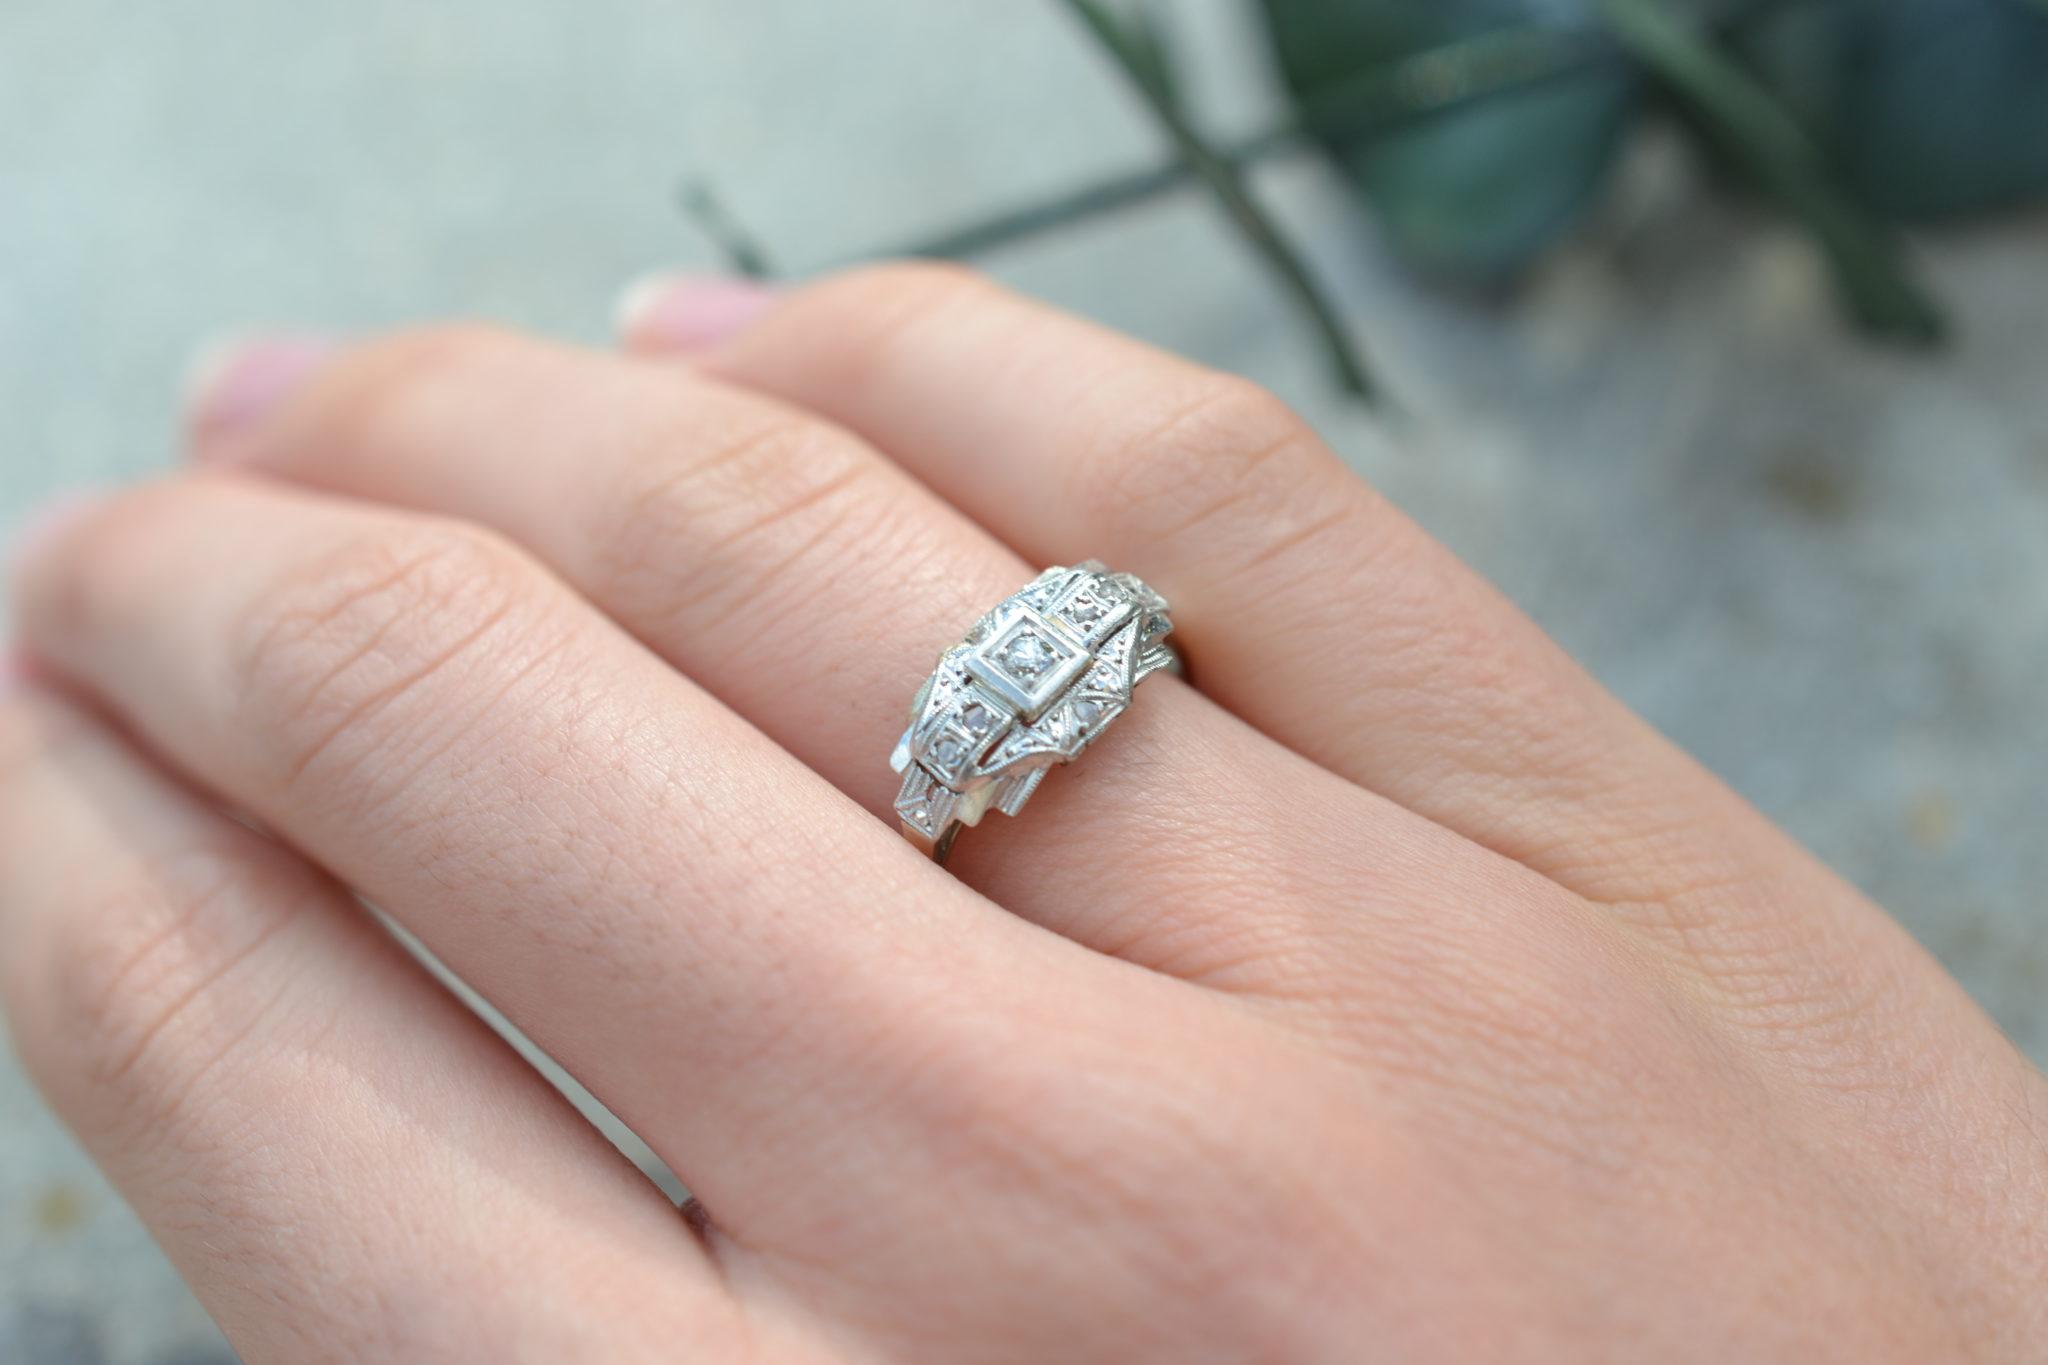 Bague en Or gris et platine ornée de petits diamants bague éthique